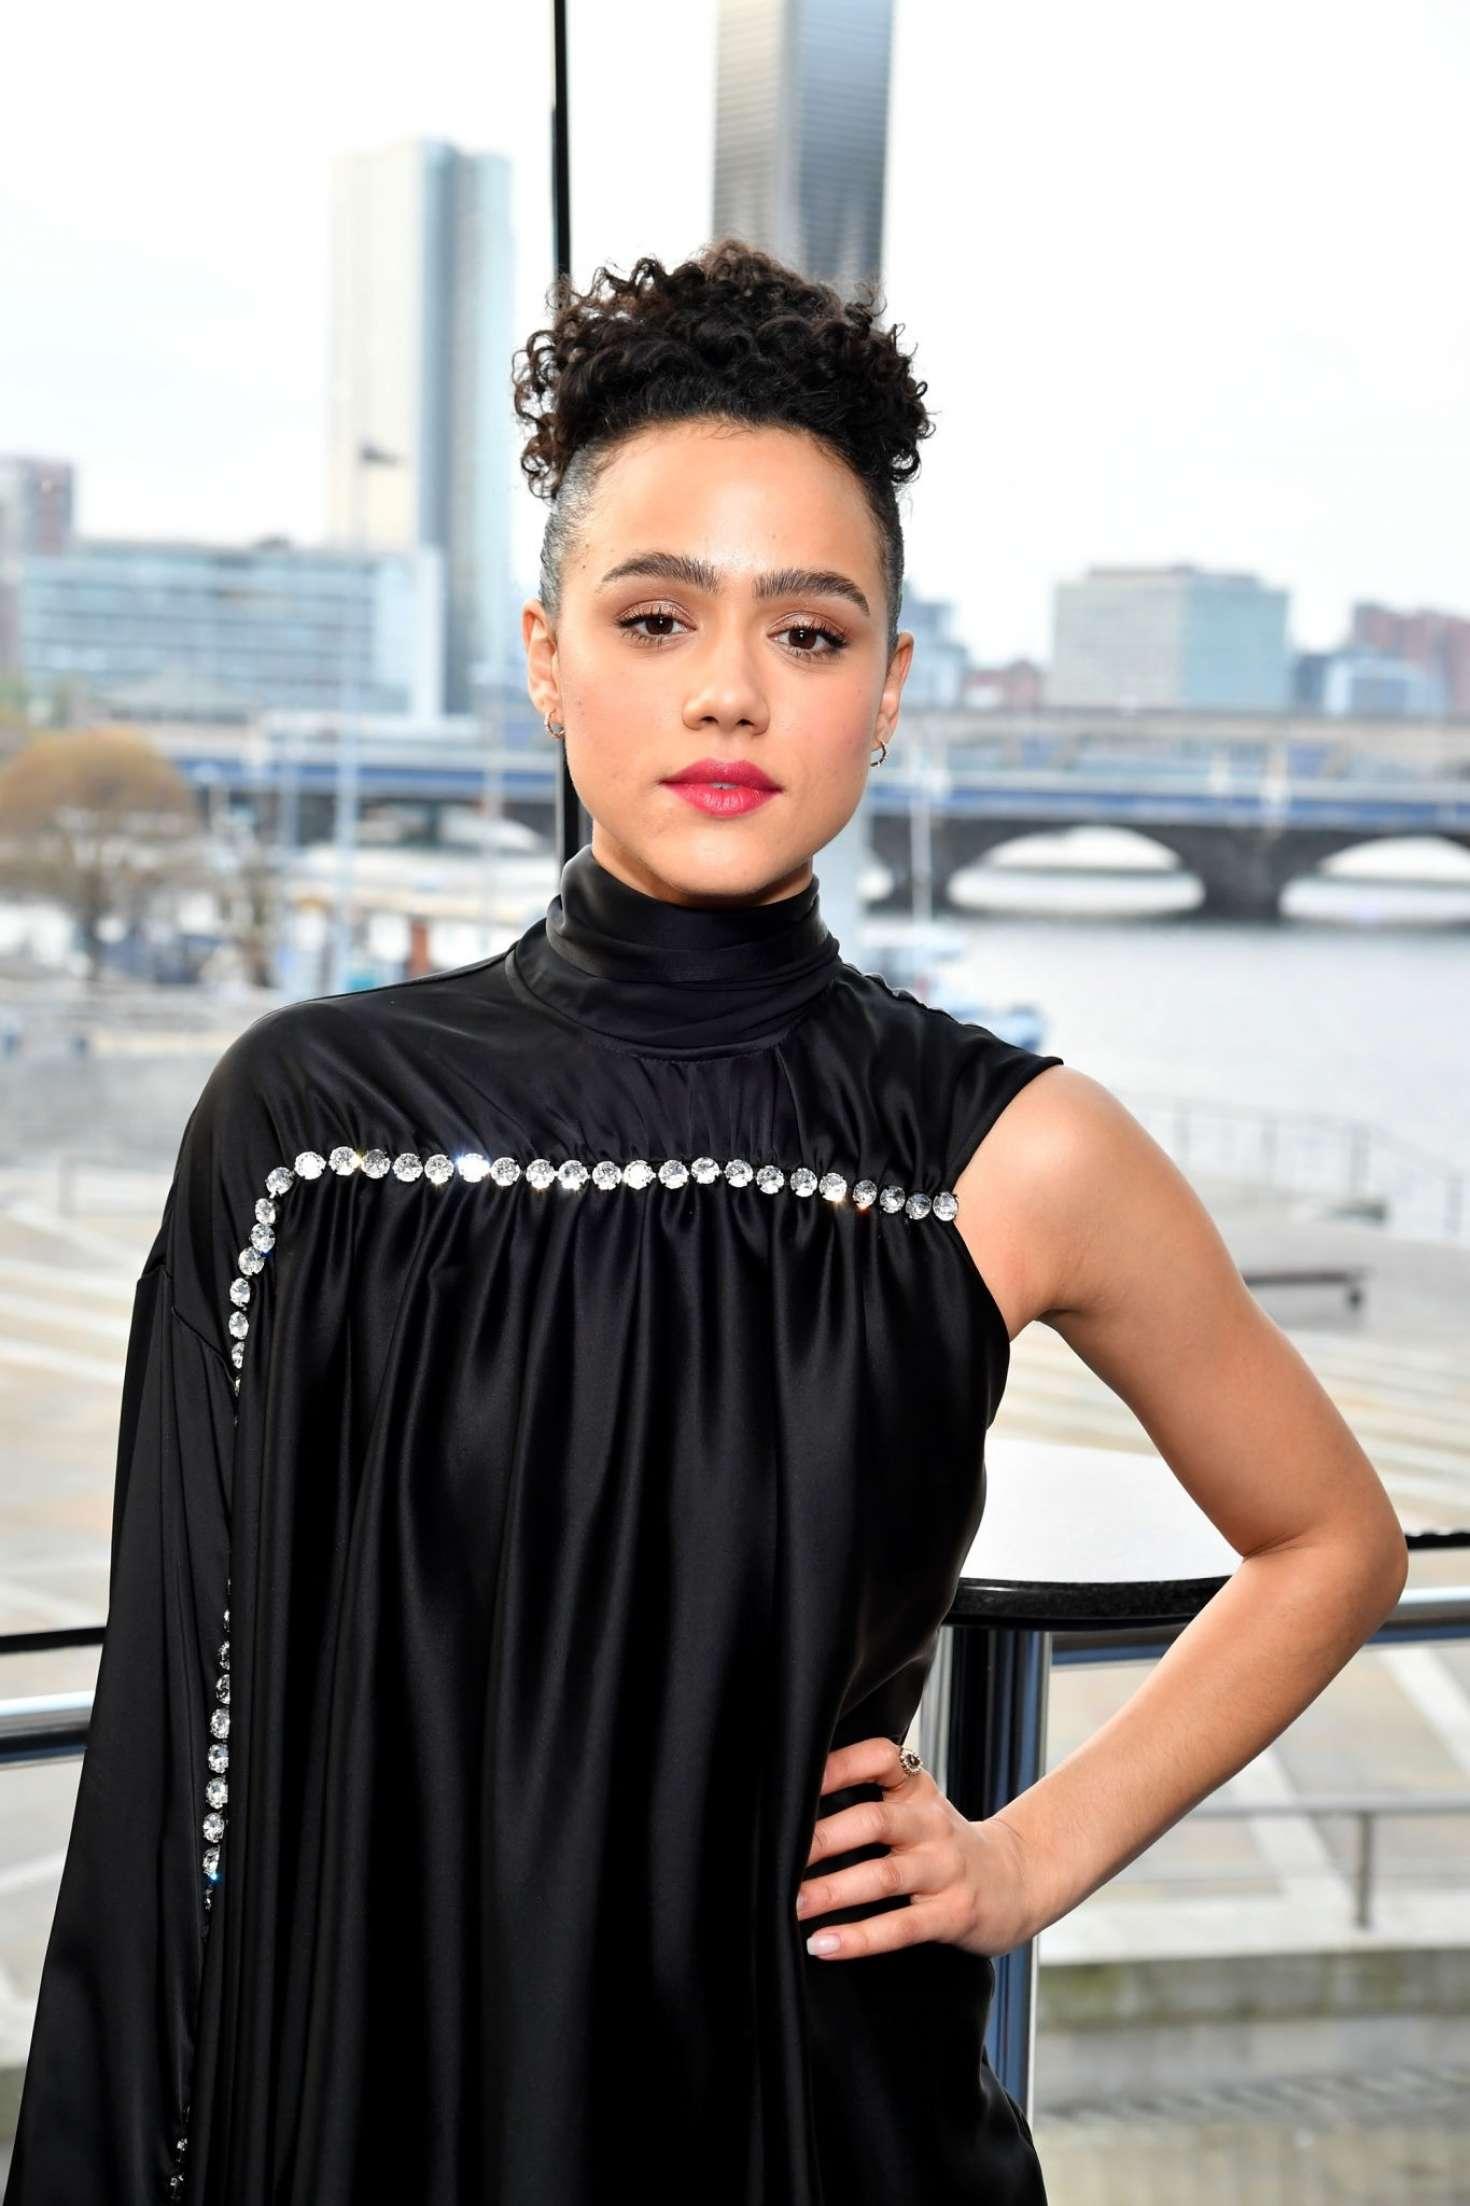 Nathalie Emmanuel 2019 : Nathalie Emmanuel: Game of Thrones Season 8 Premiere in Belfast -09